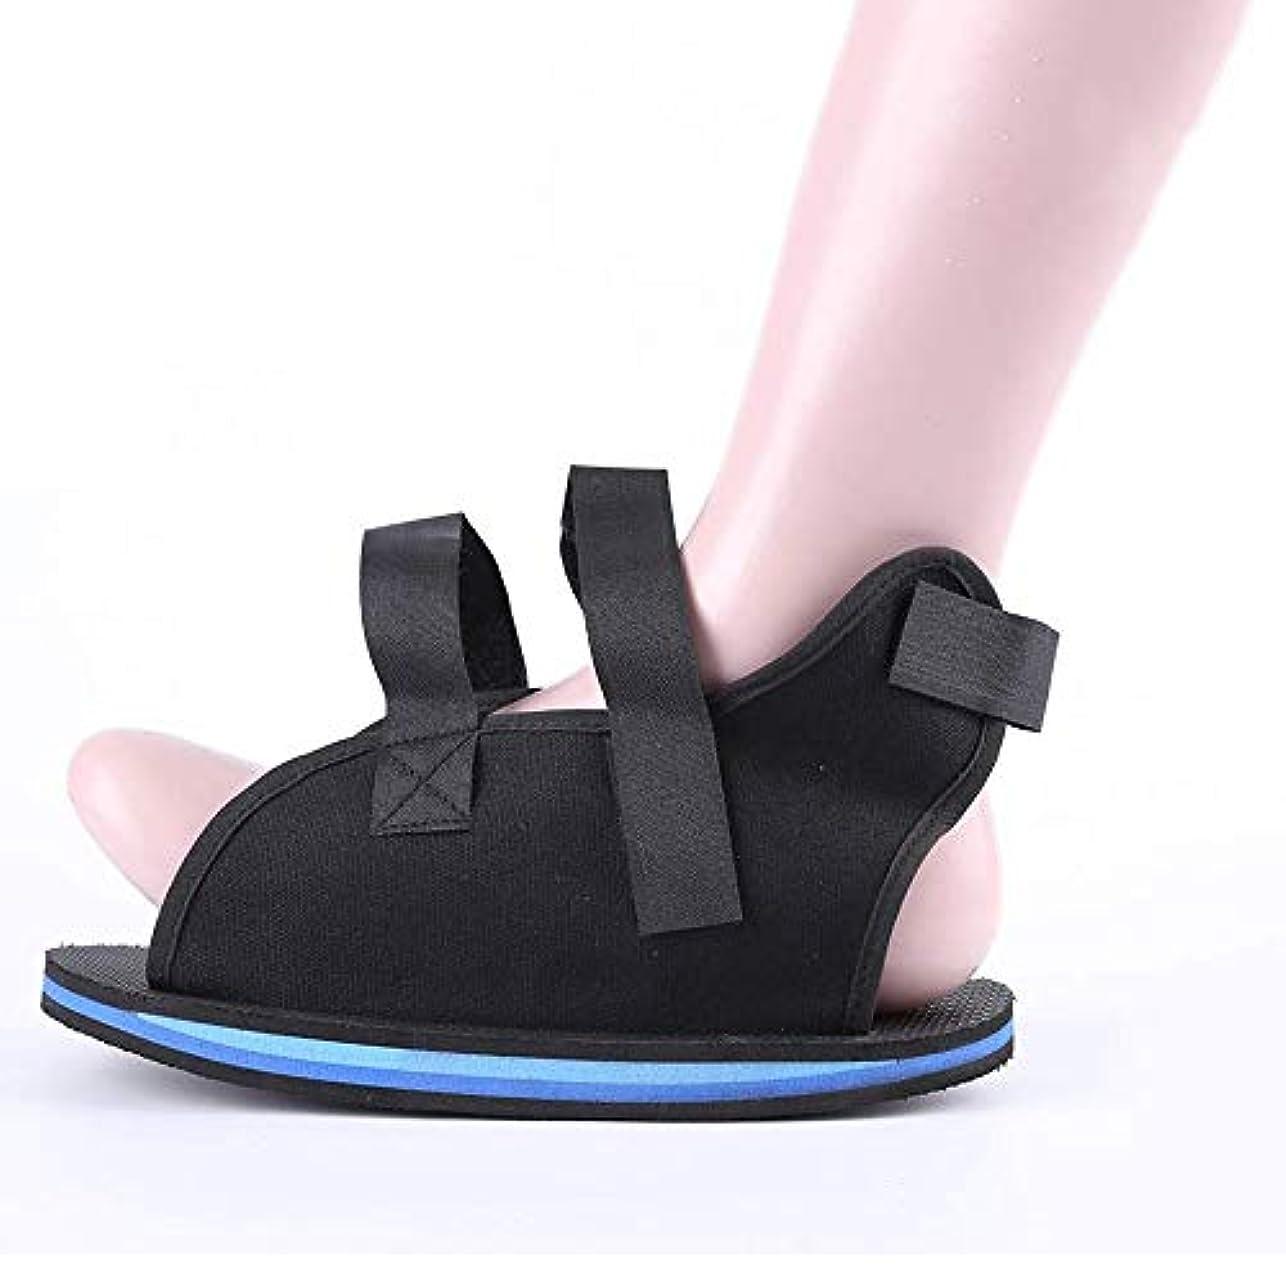 続編歩道何よりも壊れたつま先/足の骨折のための術後靴 - カスタムフィットのための調節可能なストラップ付きの軽量医療ウォーキングブーツシューズ (Size : S)